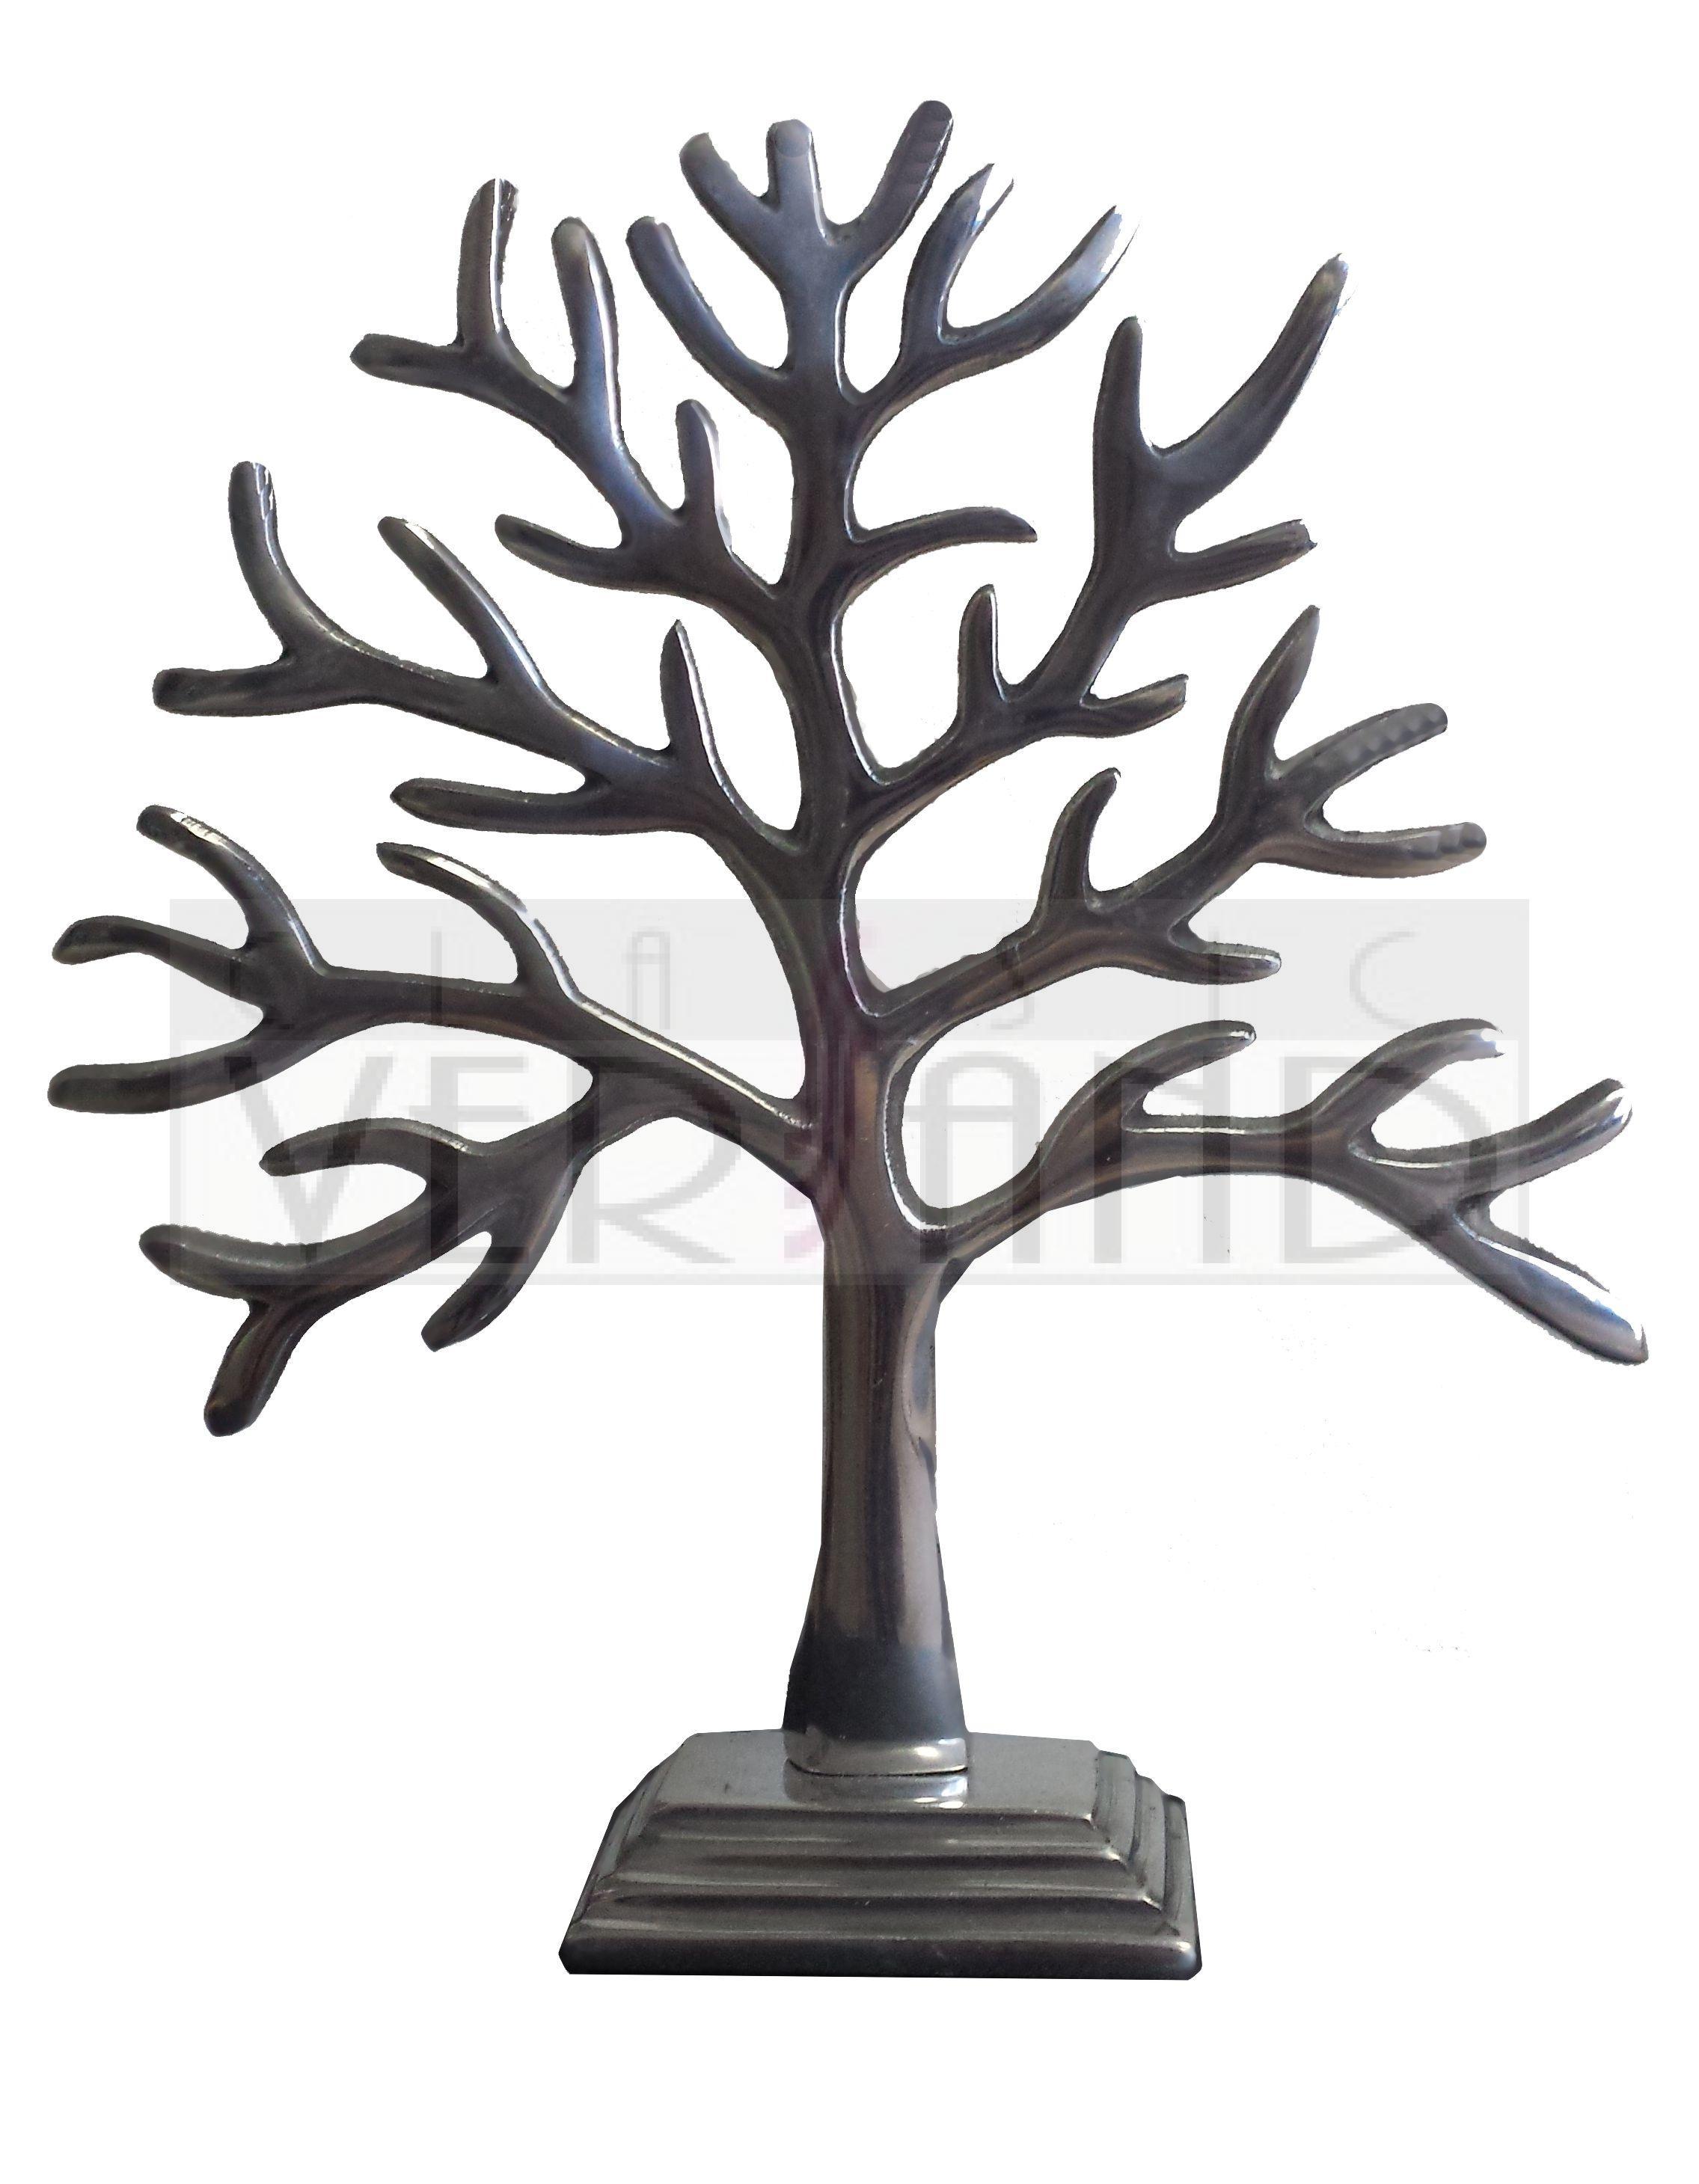 deko baum metall schmuckbaum schmuck silber dekoration ebay. Black Bedroom Furniture Sets. Home Design Ideas